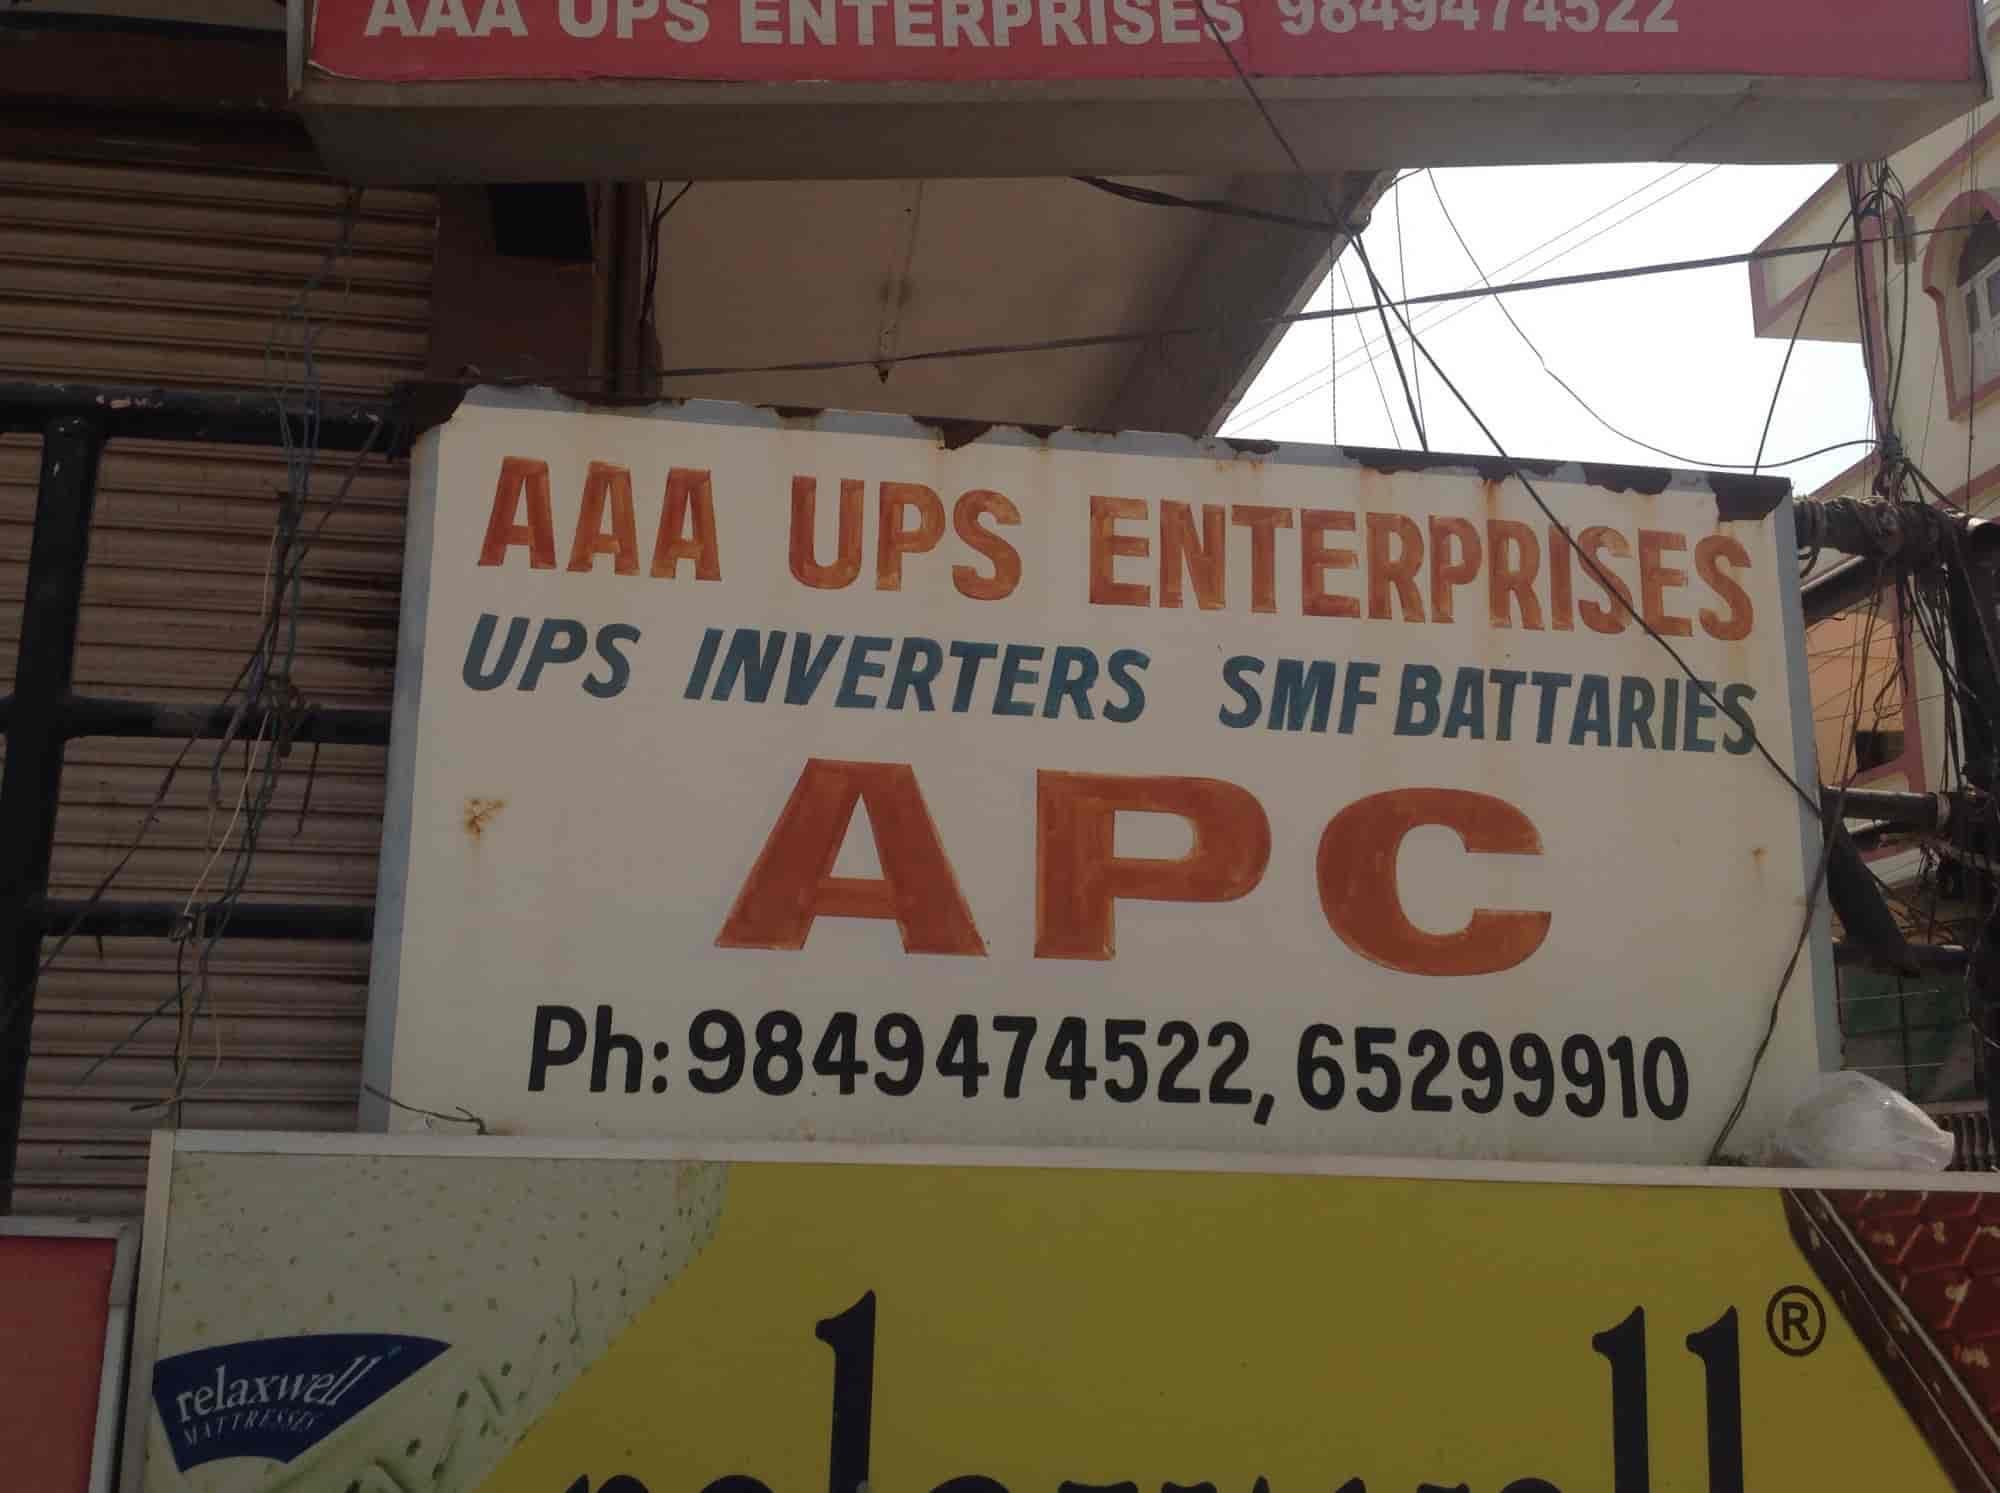 Aaa Ups Enterprise Pvt Ltd, New Bowenpally - UPS Dealers-APC in